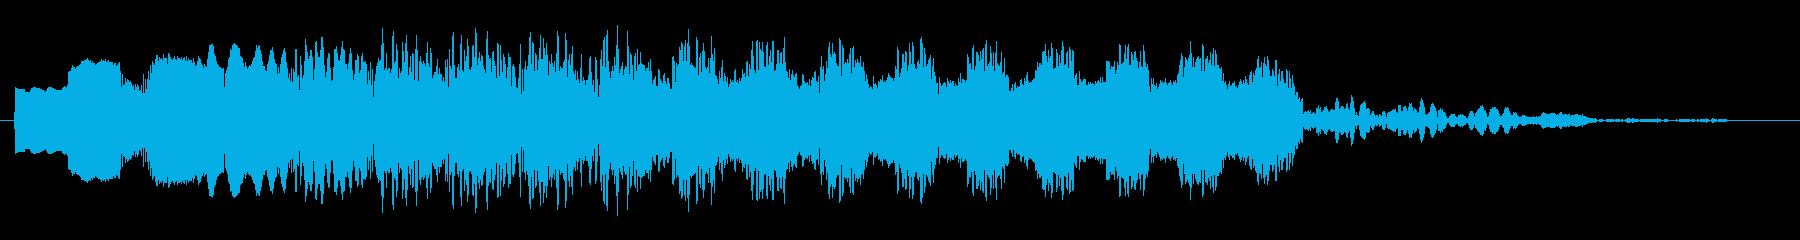 ピュロロロ・・・(飛行や浮遊の効果音)の再生済みの波形